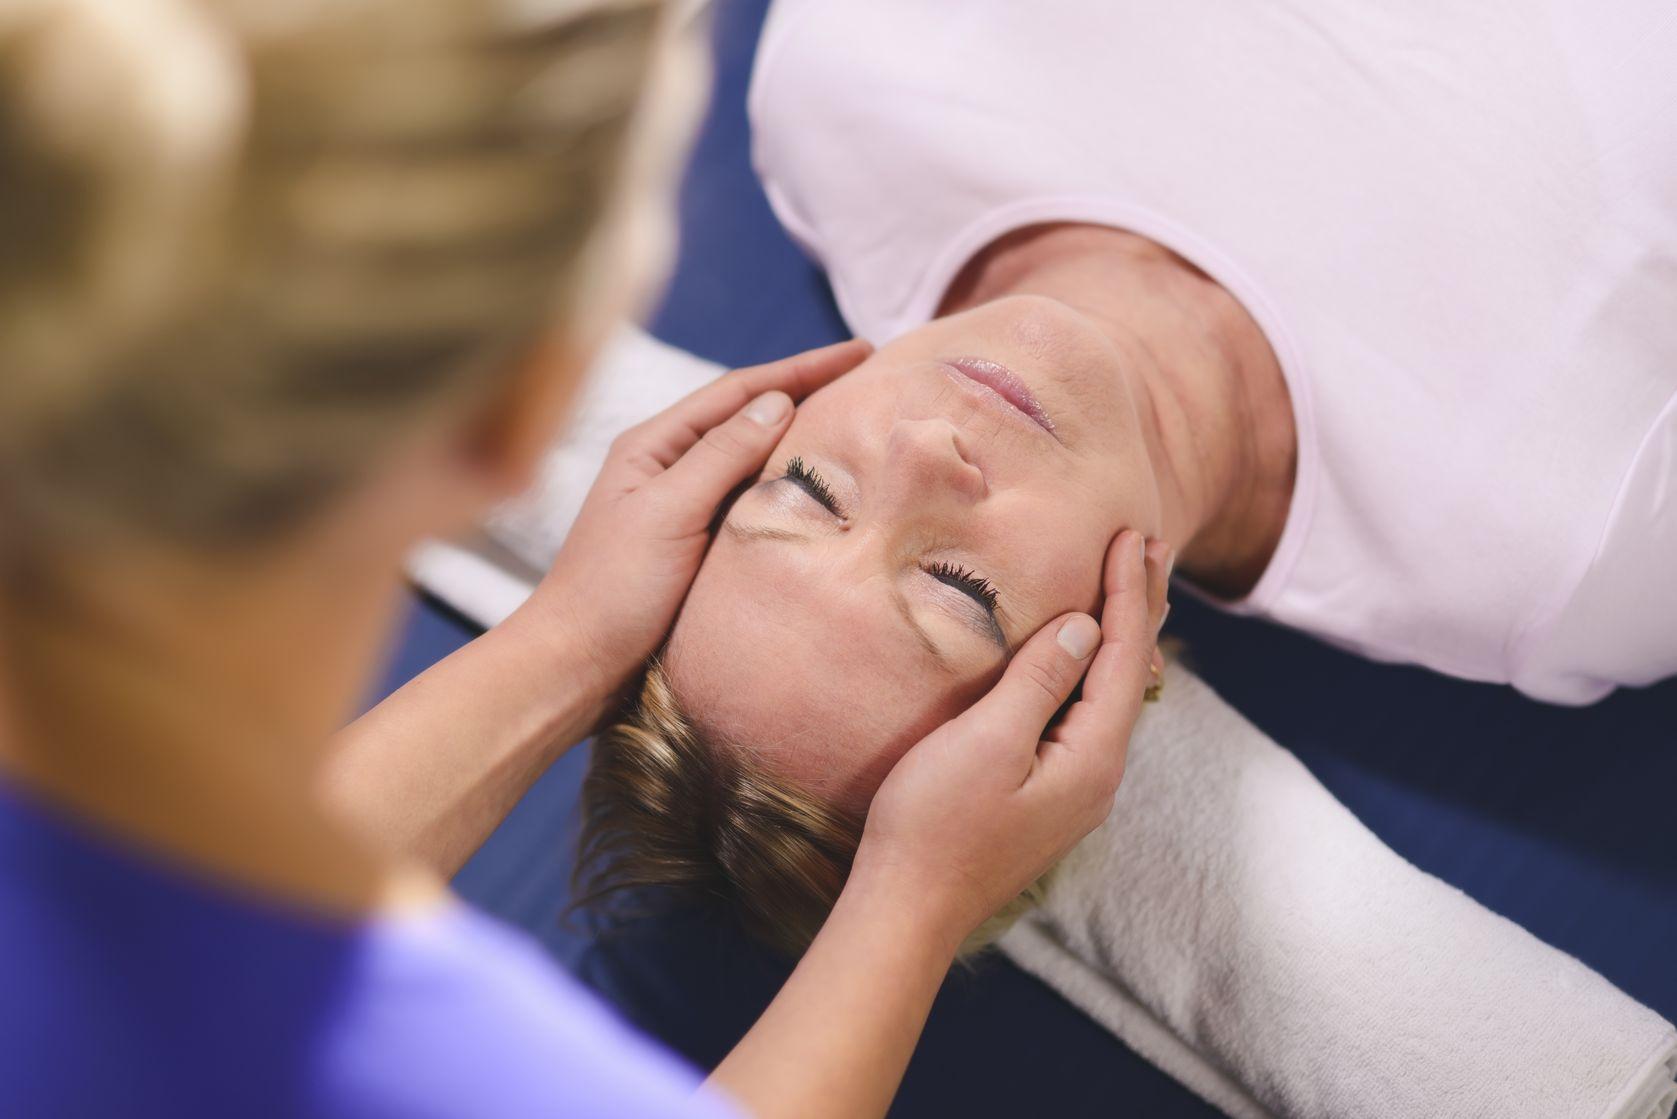 Los verdaderos efectos del reiki sobre el dolor